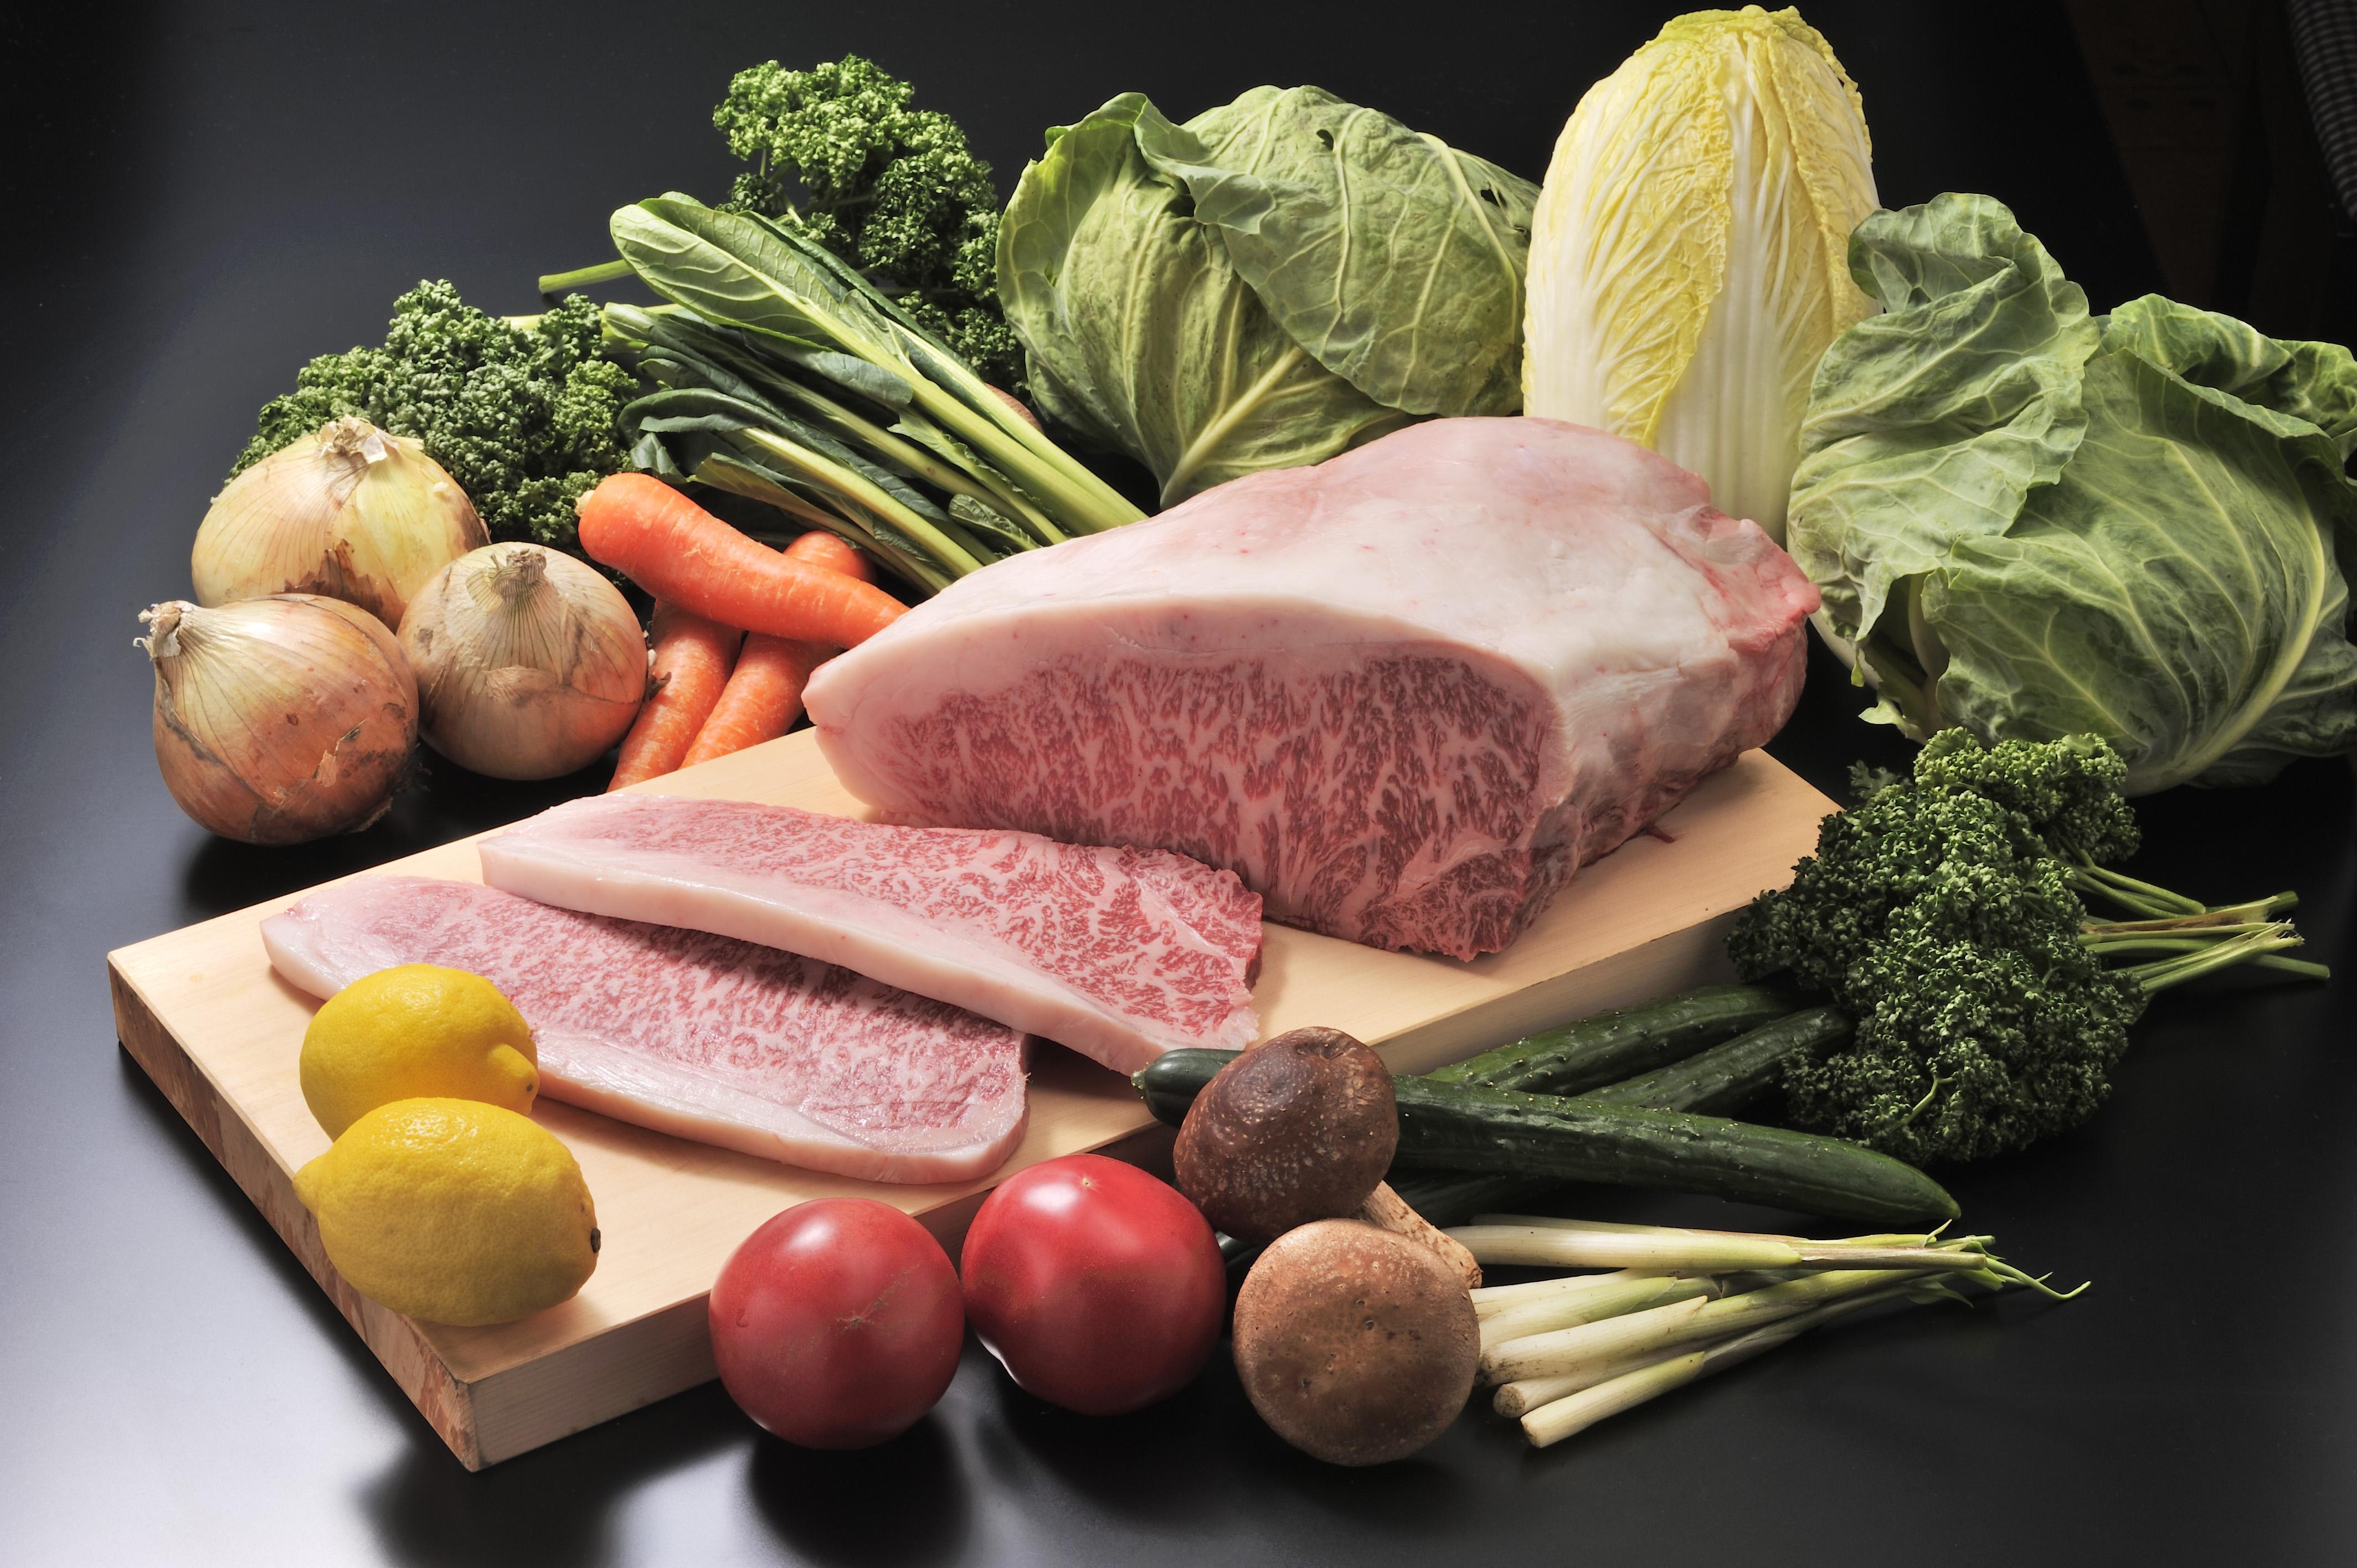 銘選木曽牛サーロイン3枚と開田高原とうもろこしスープのセット